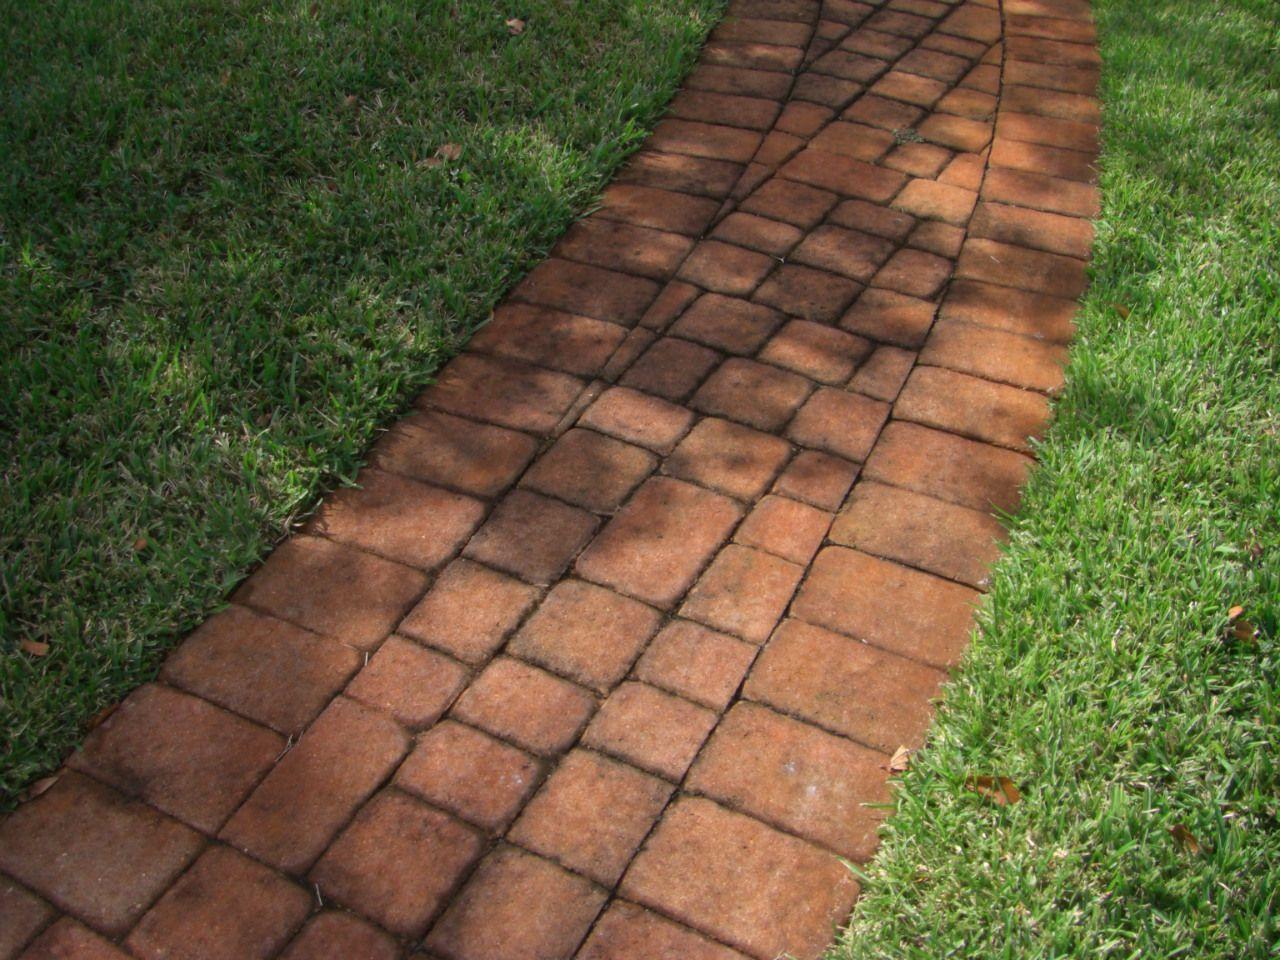 Coloring Brick Pavers Staining Brick Pavers National Sealing Co Brick Pavers Pavers Brick